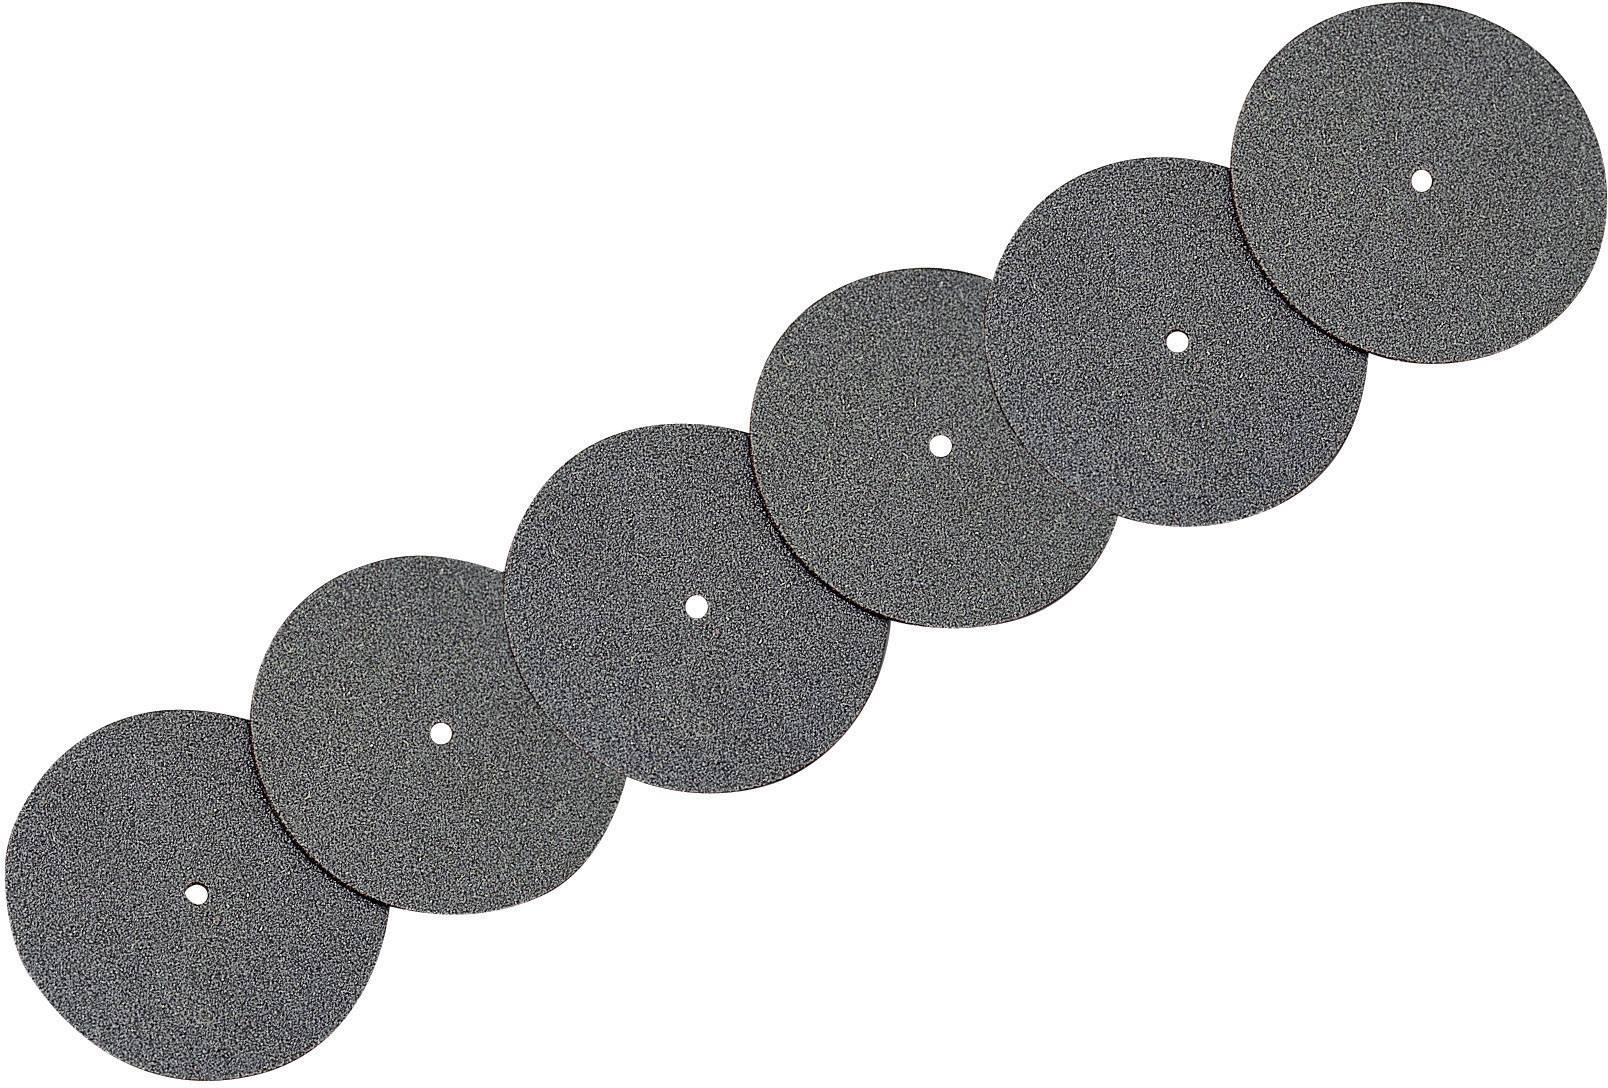 3x Staedtler 308 Pigment-Liner 0,6mm schwarz Fineliner Zeichenstift Faserstift